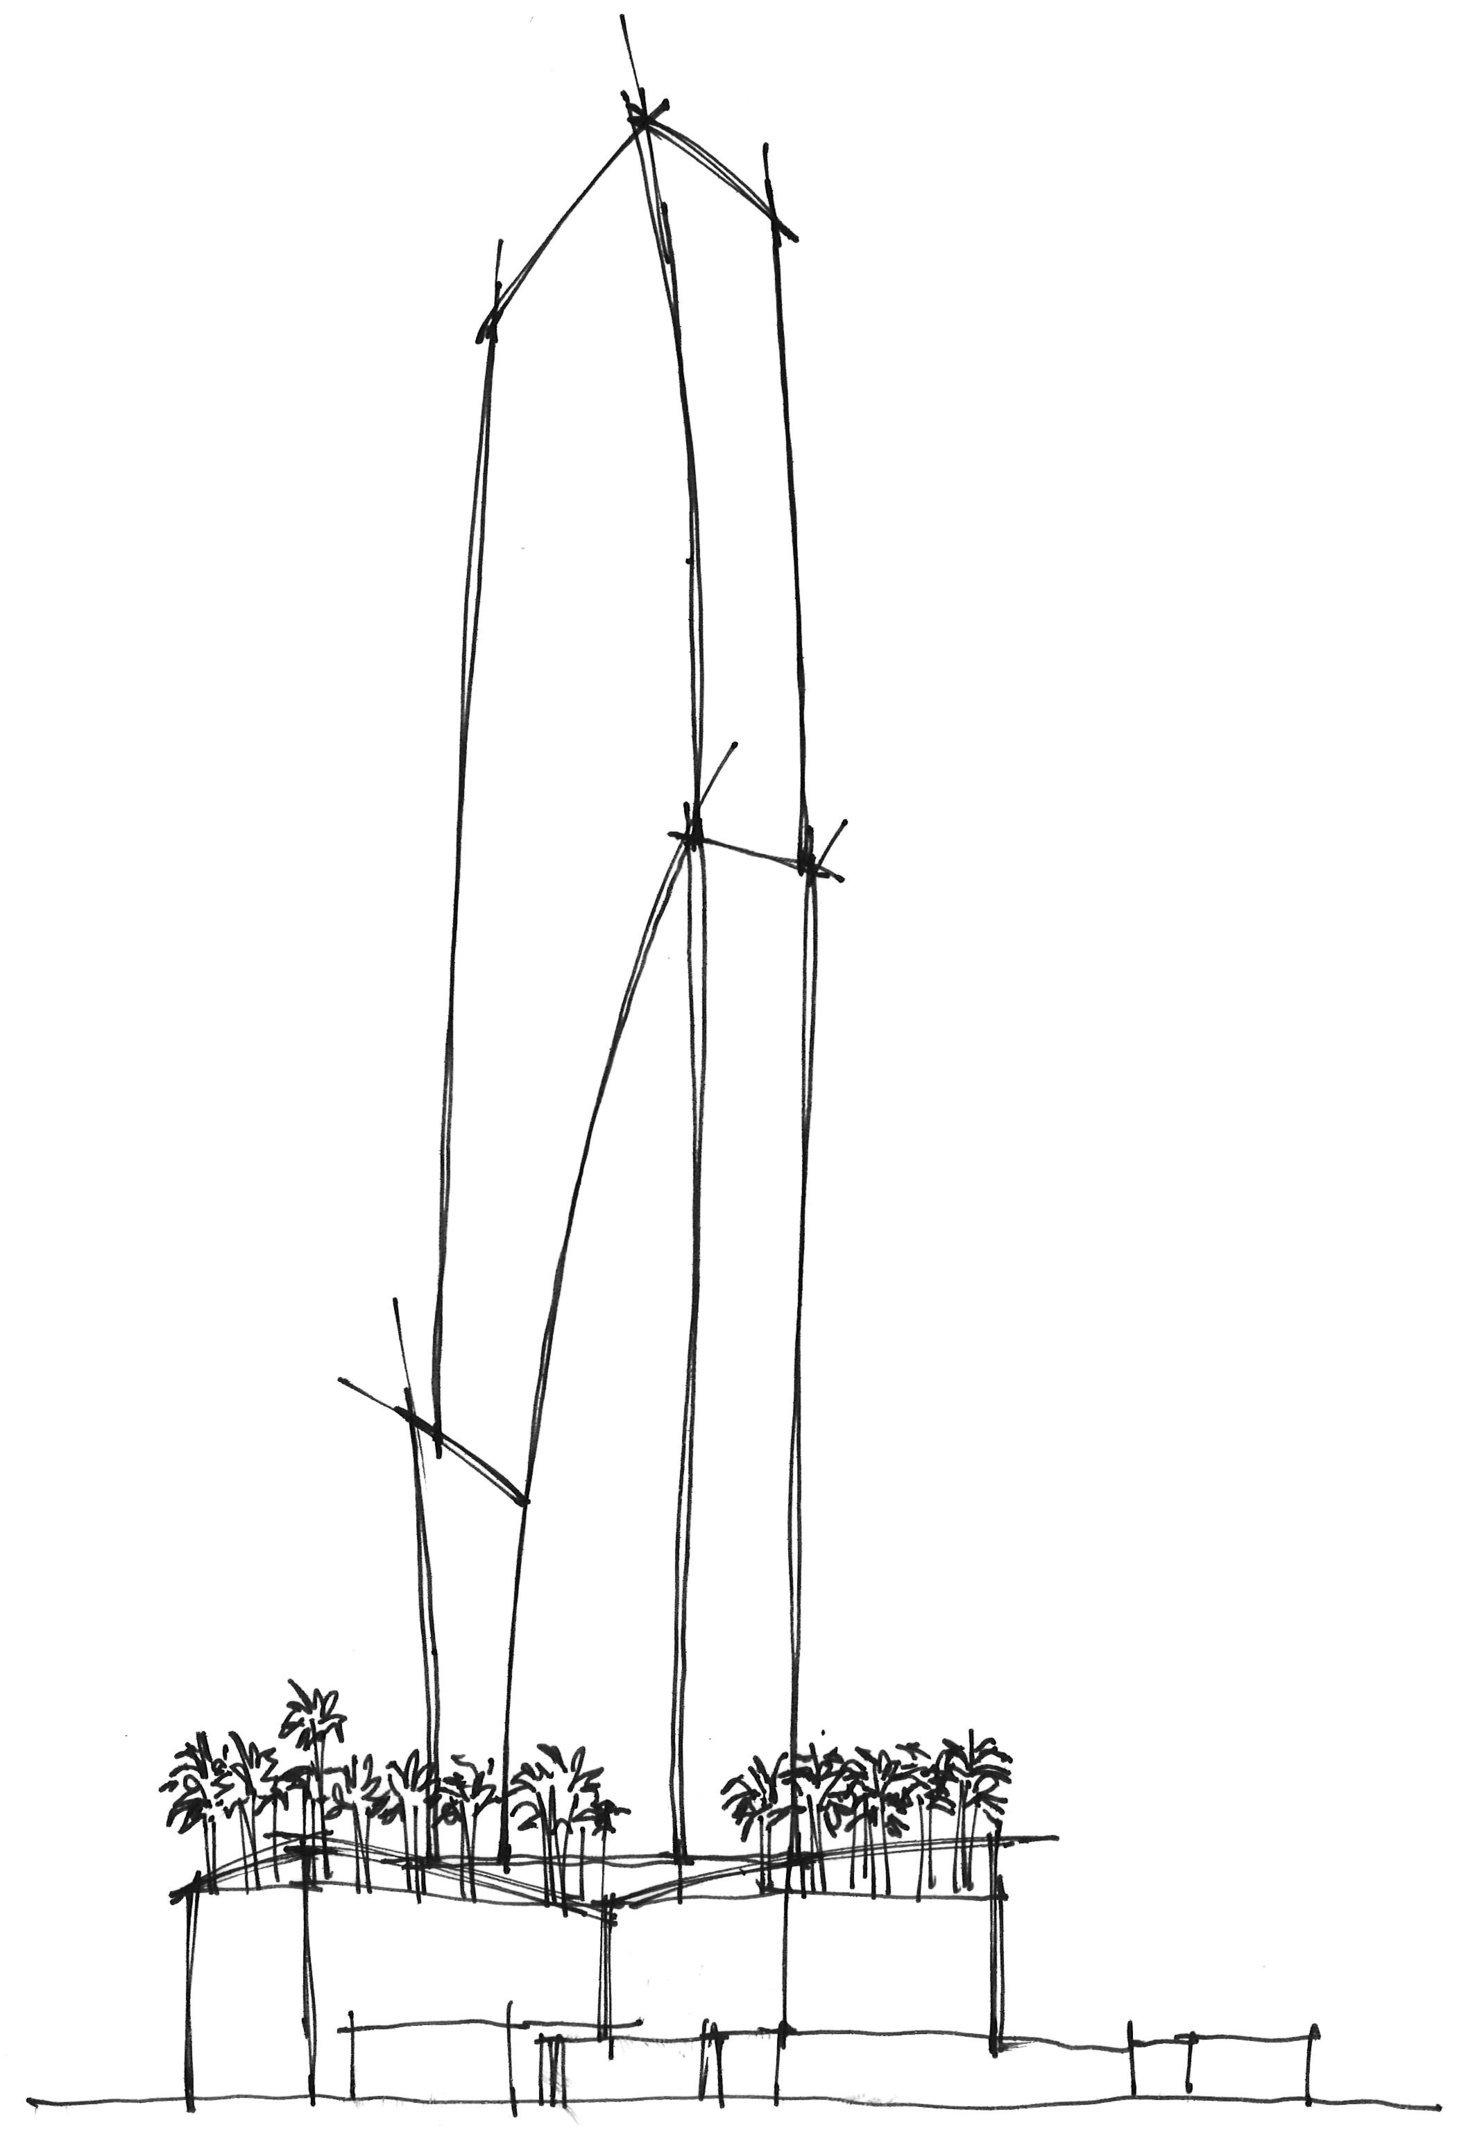 MFLART - Tower Studies